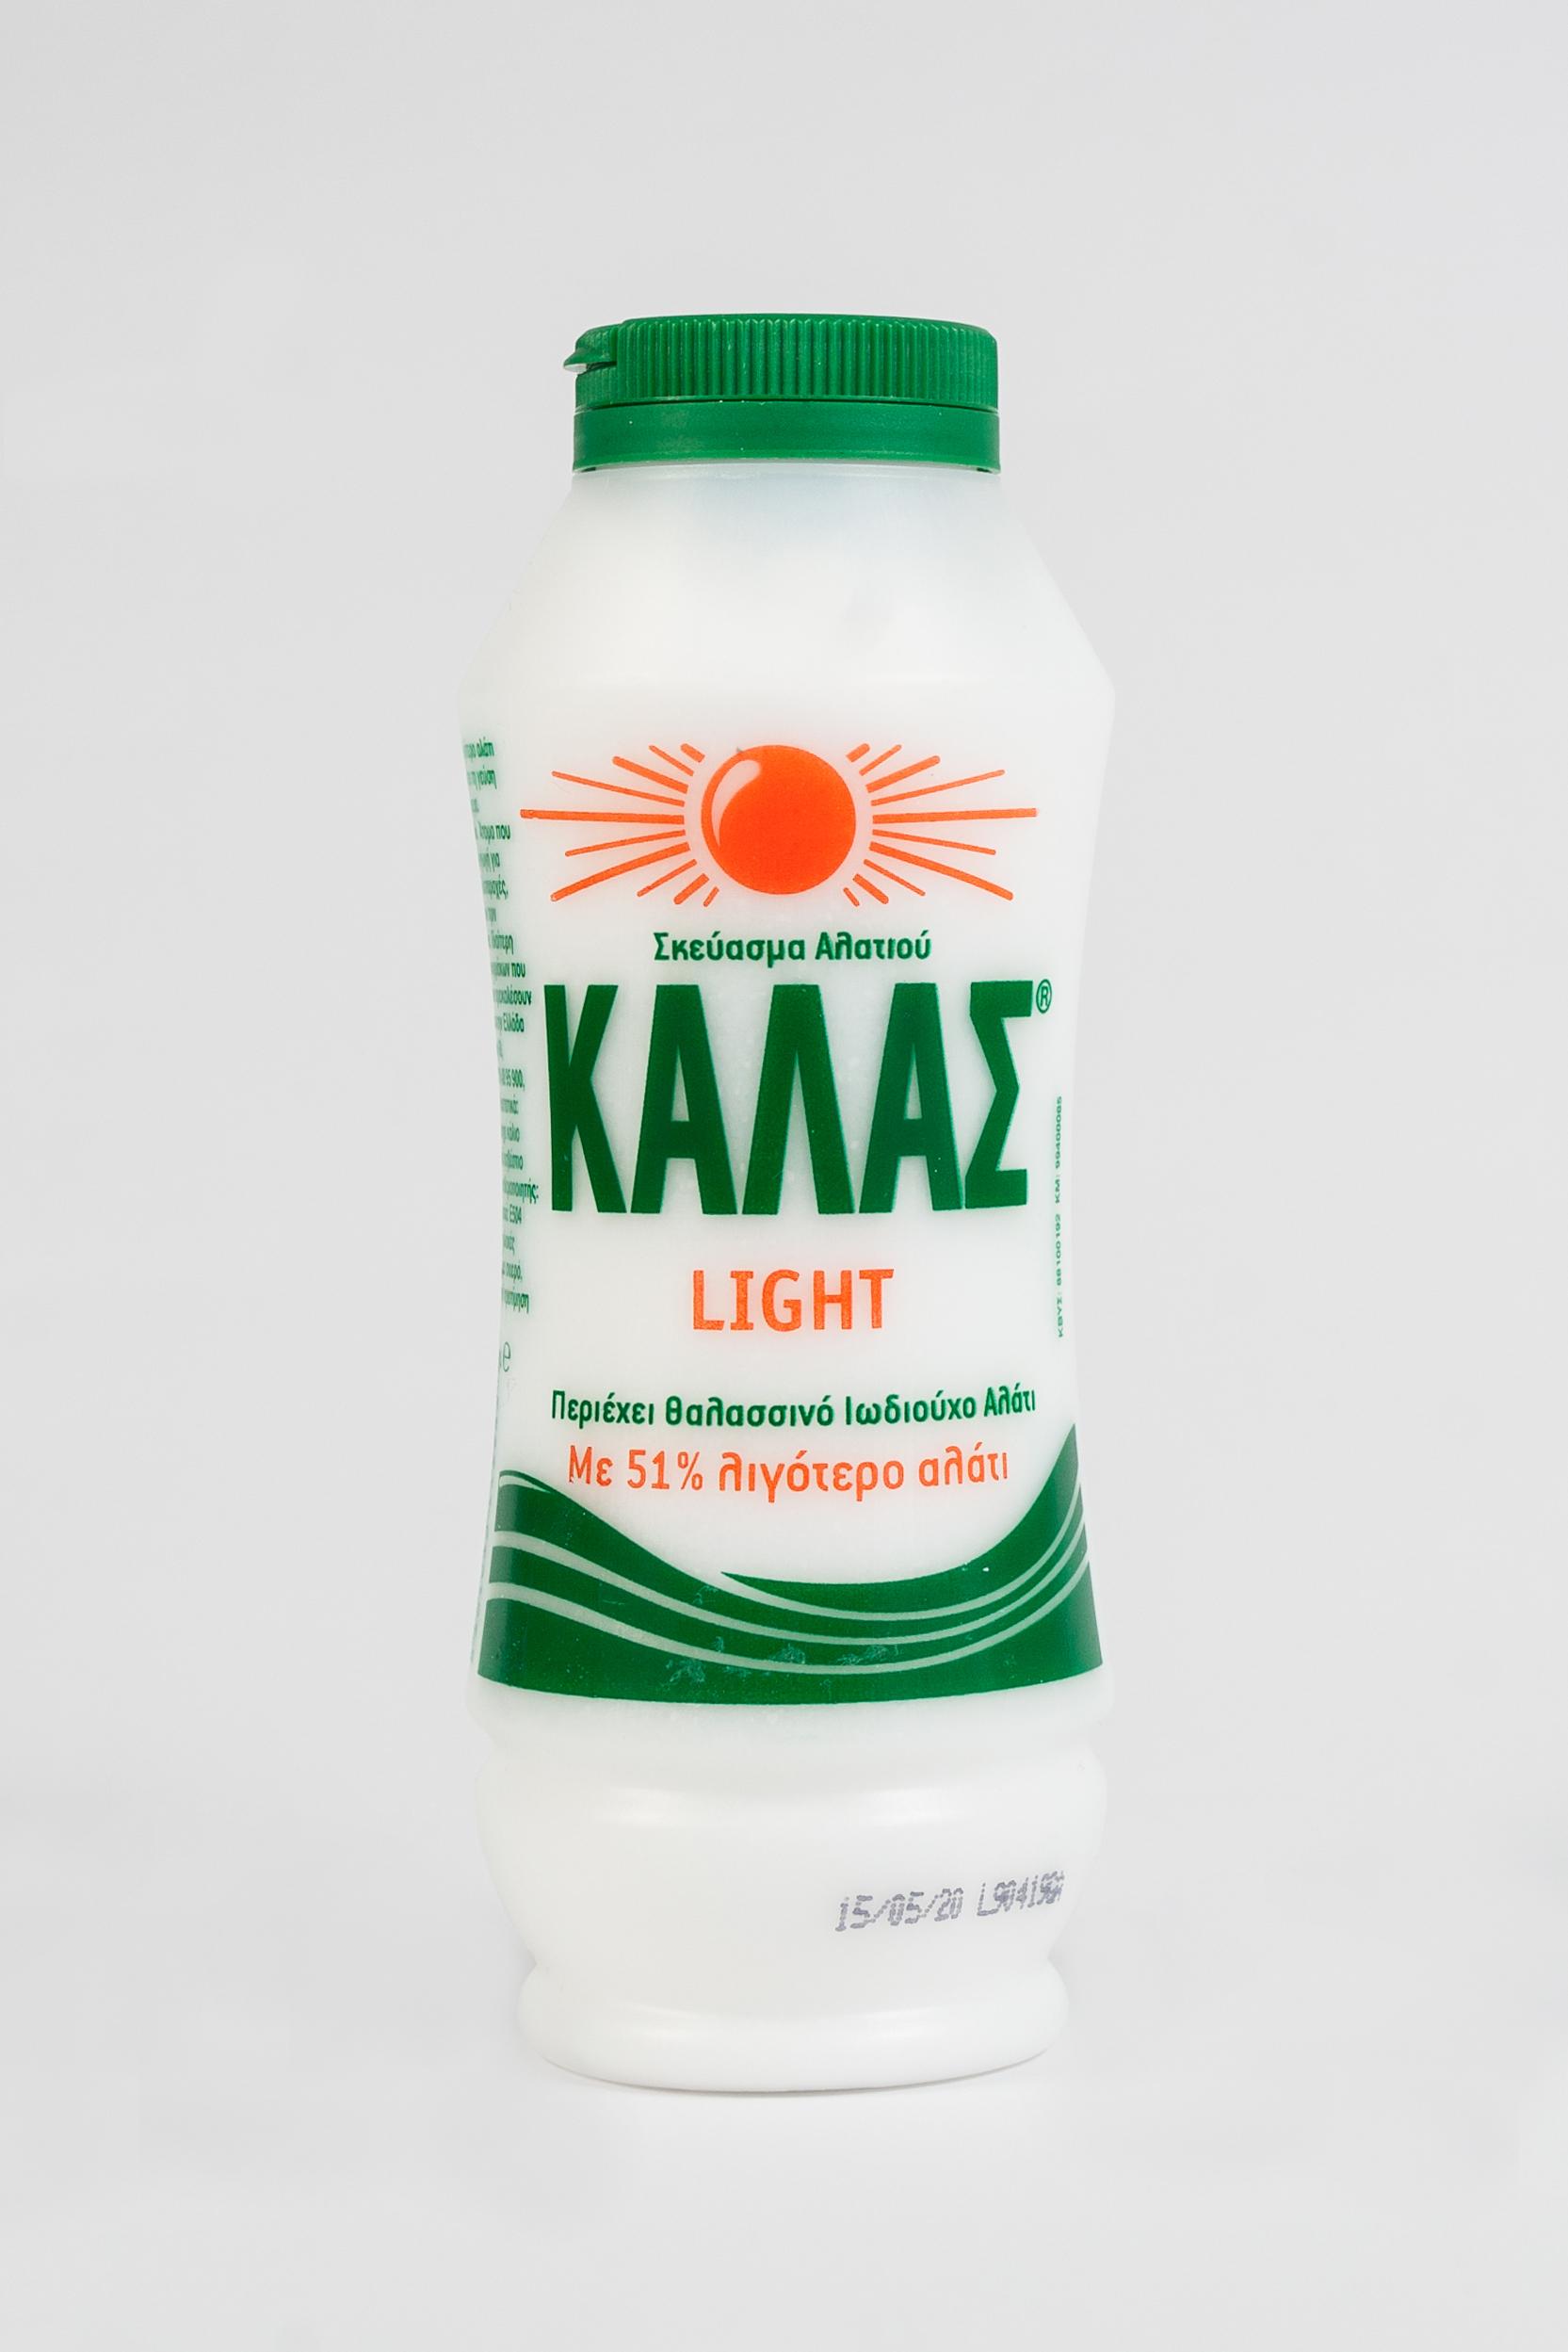 Sare Kalas Light